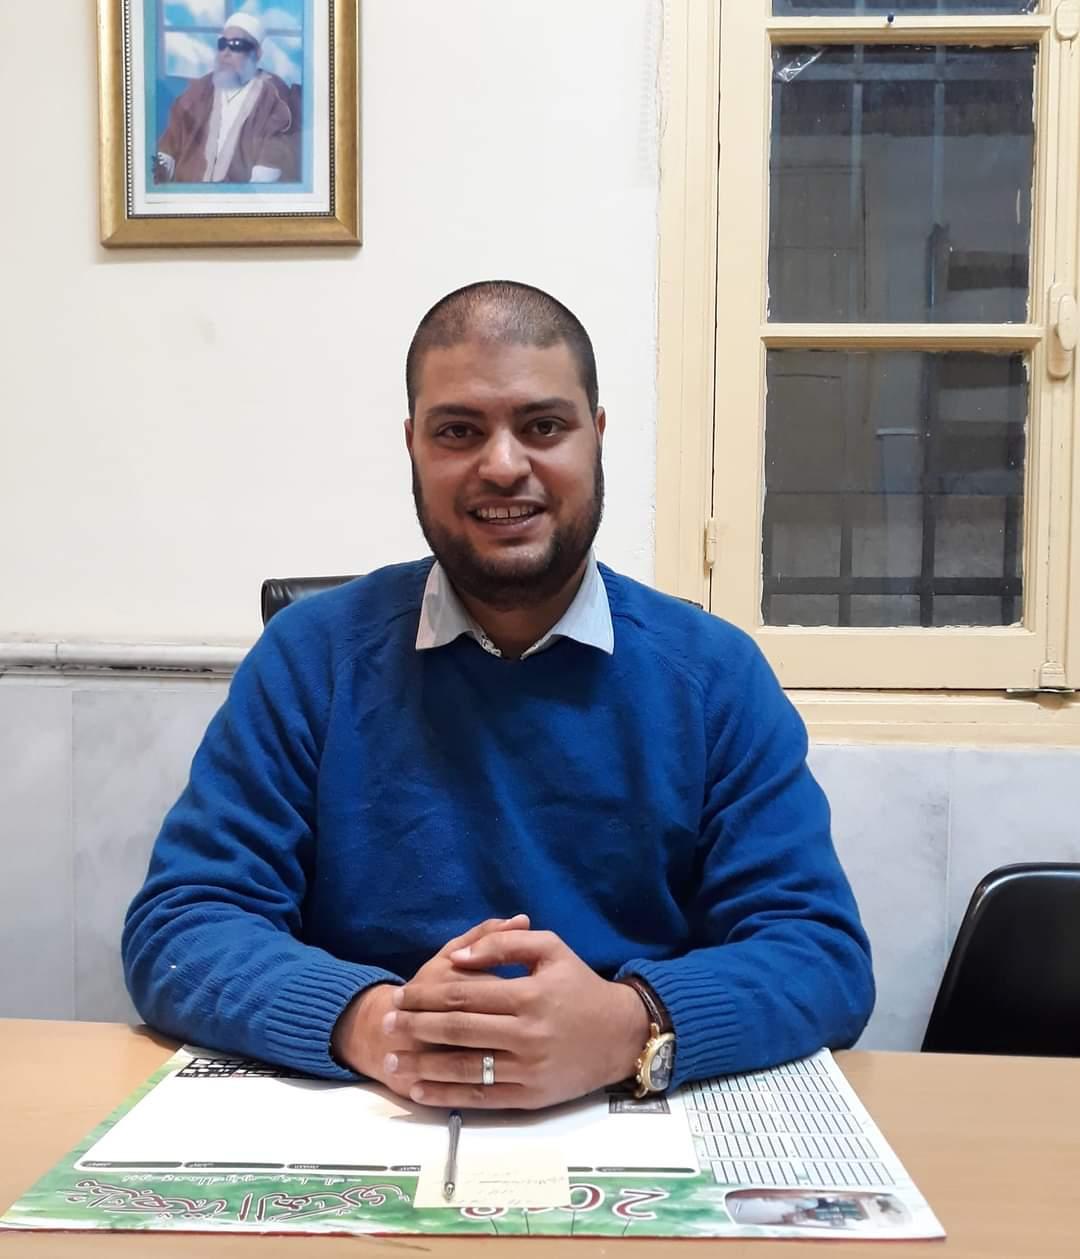 العُنف ودوّر المجتمع المدني في ظل غياب سُلطة القانون - بقلم: محمد محاميد